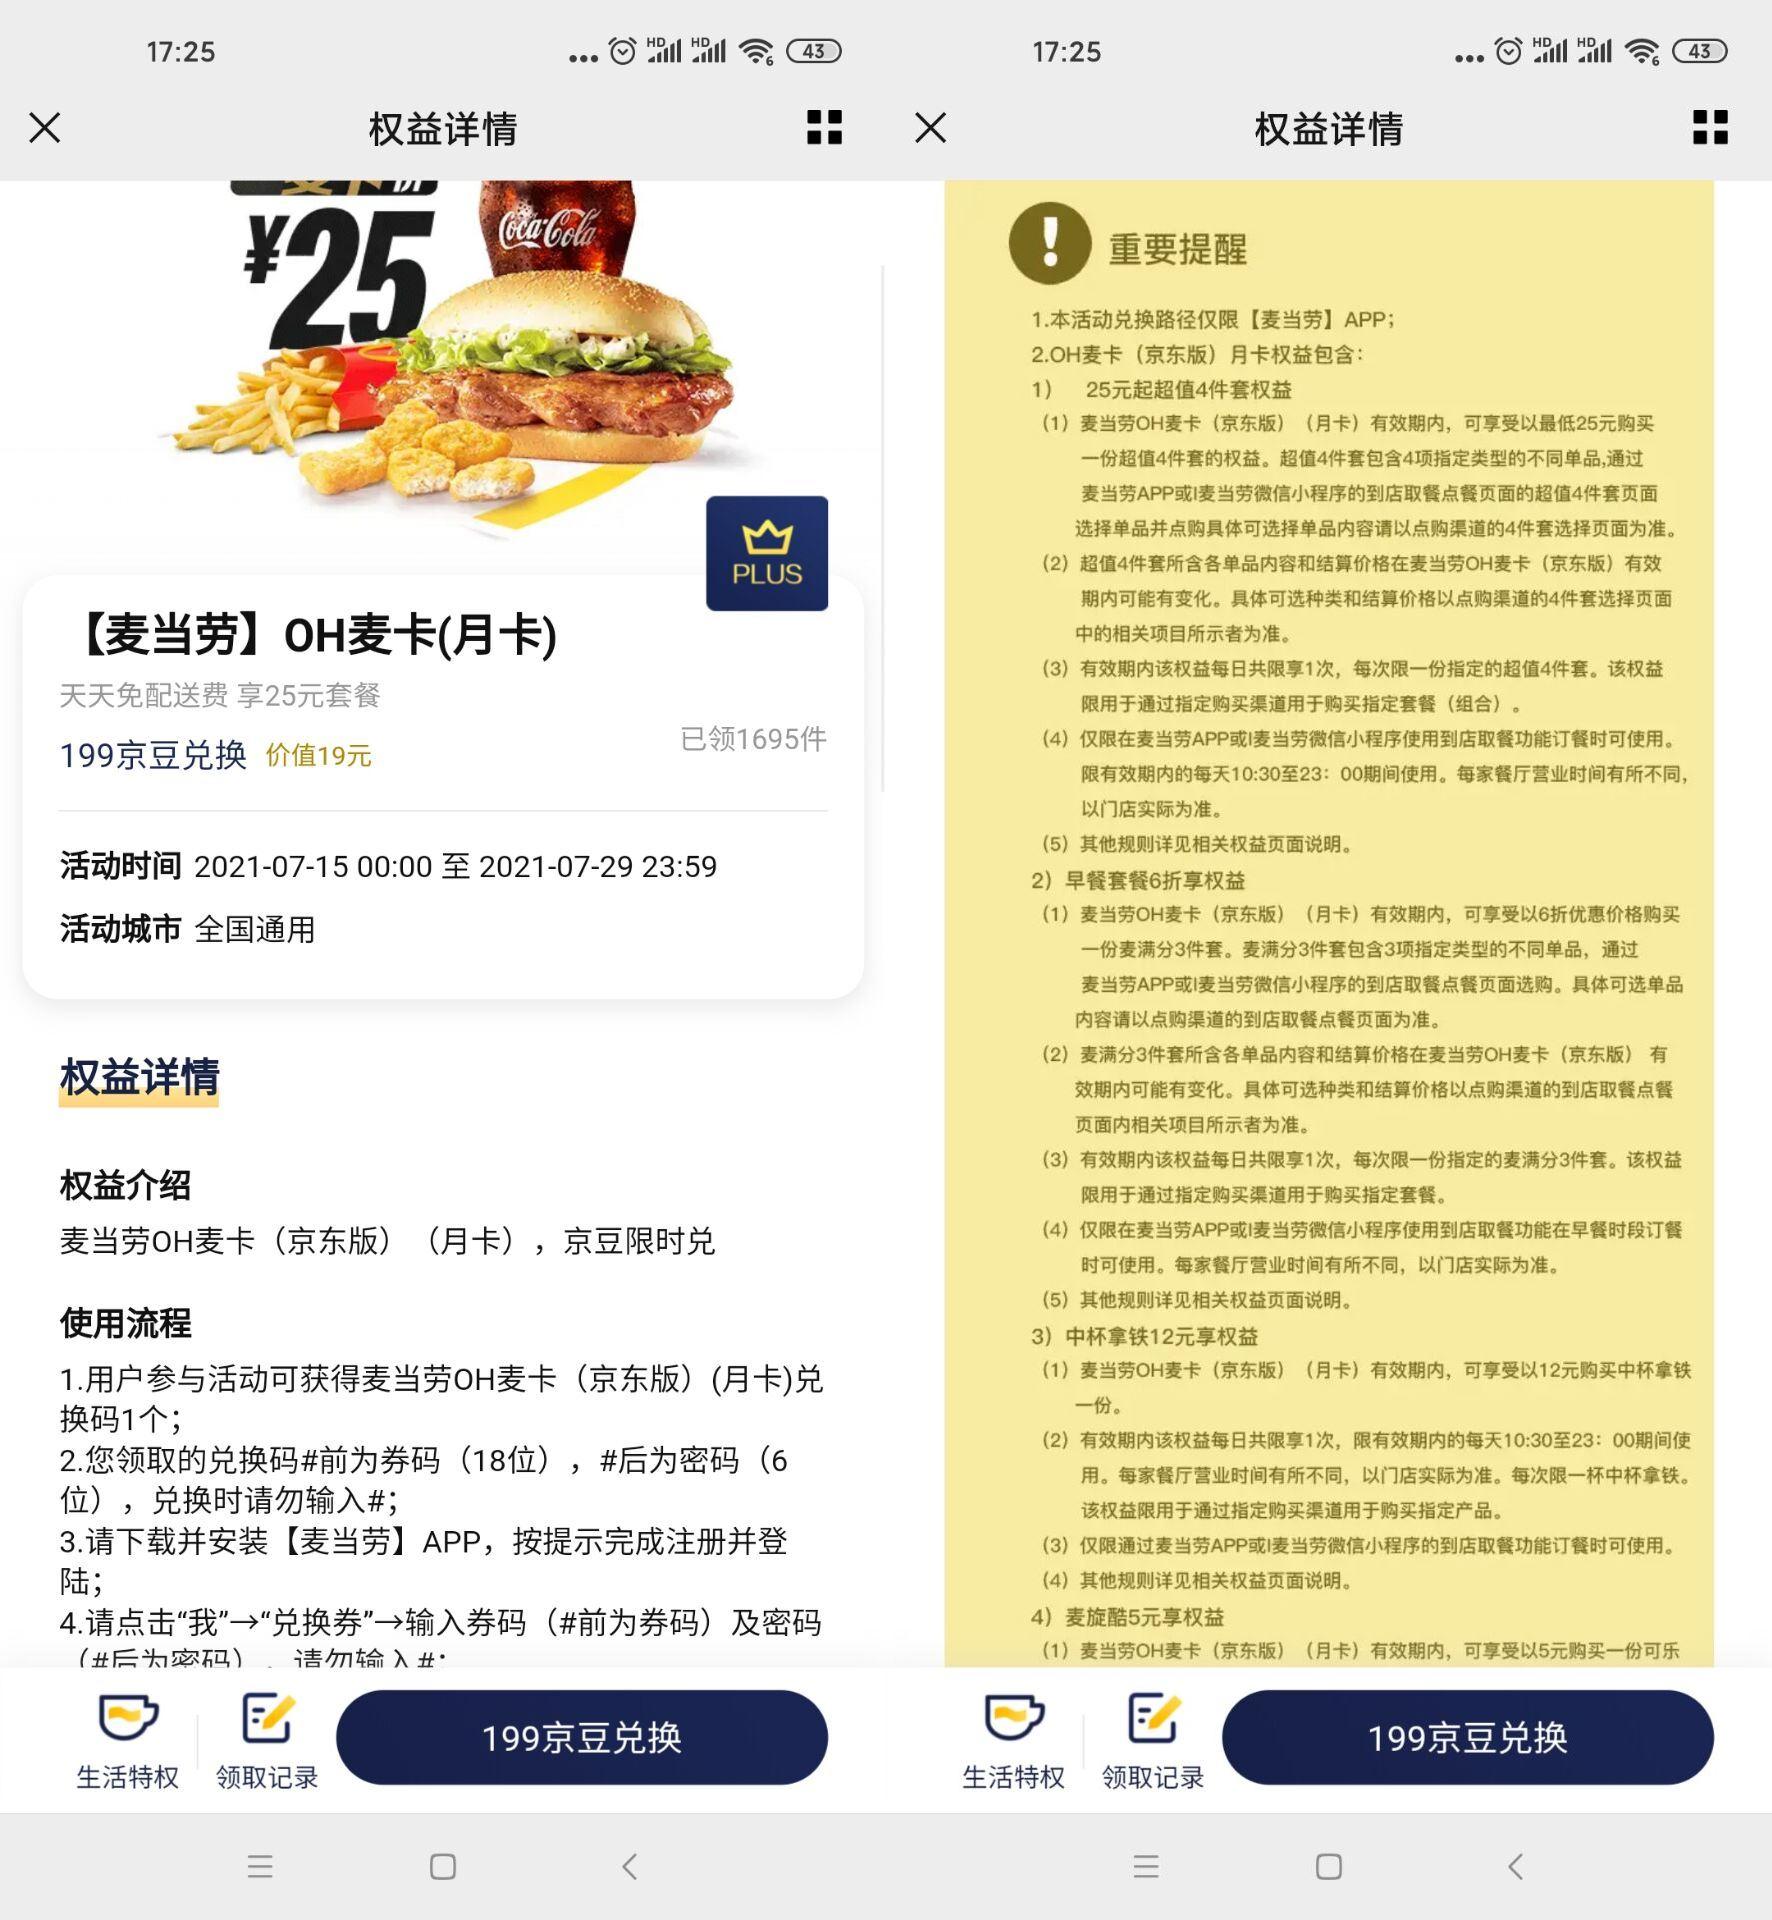 京东199豆兑换麦当劳OH月卡